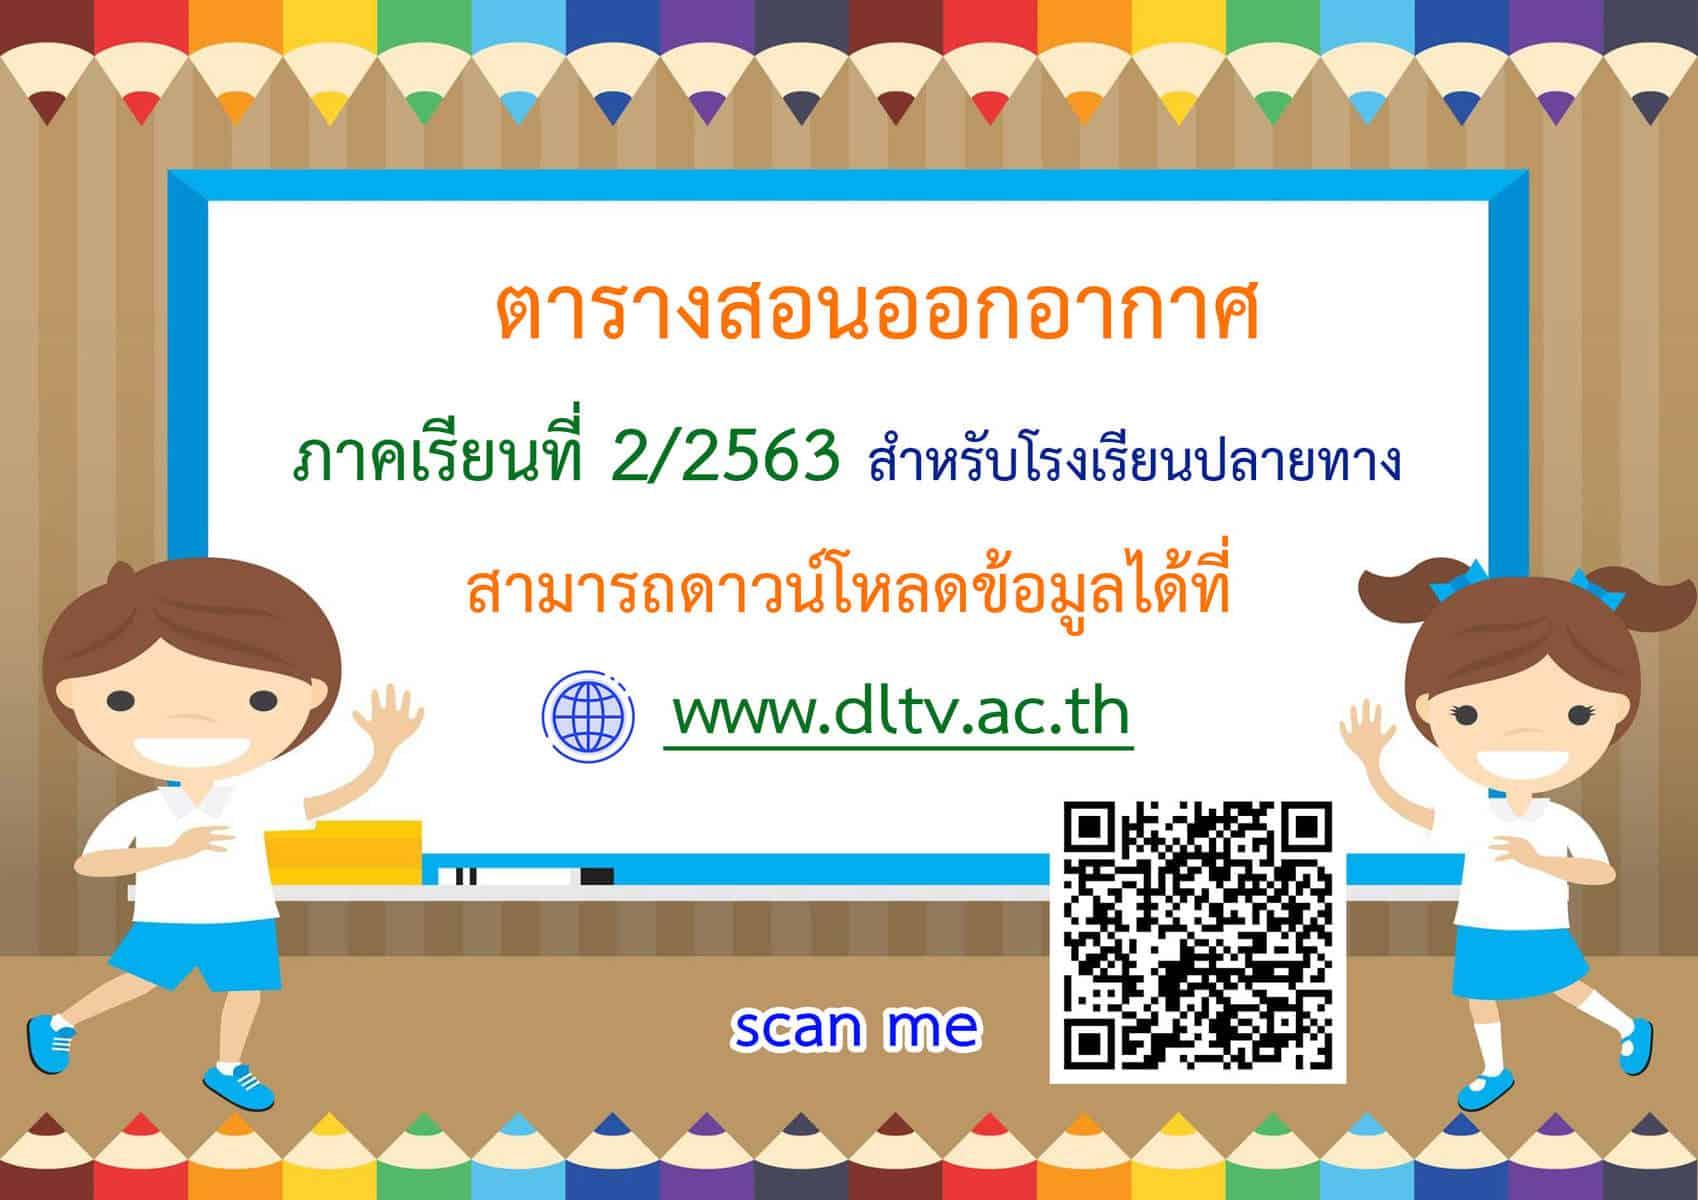 มาแล้ว ตารางออกอากาศการเรียนการสอน DLTV ภาคเรียนที่ 2 ปีการศึกษา 2563 (อนุบาล1-3, ป.1-6 และ ม. 1-3)